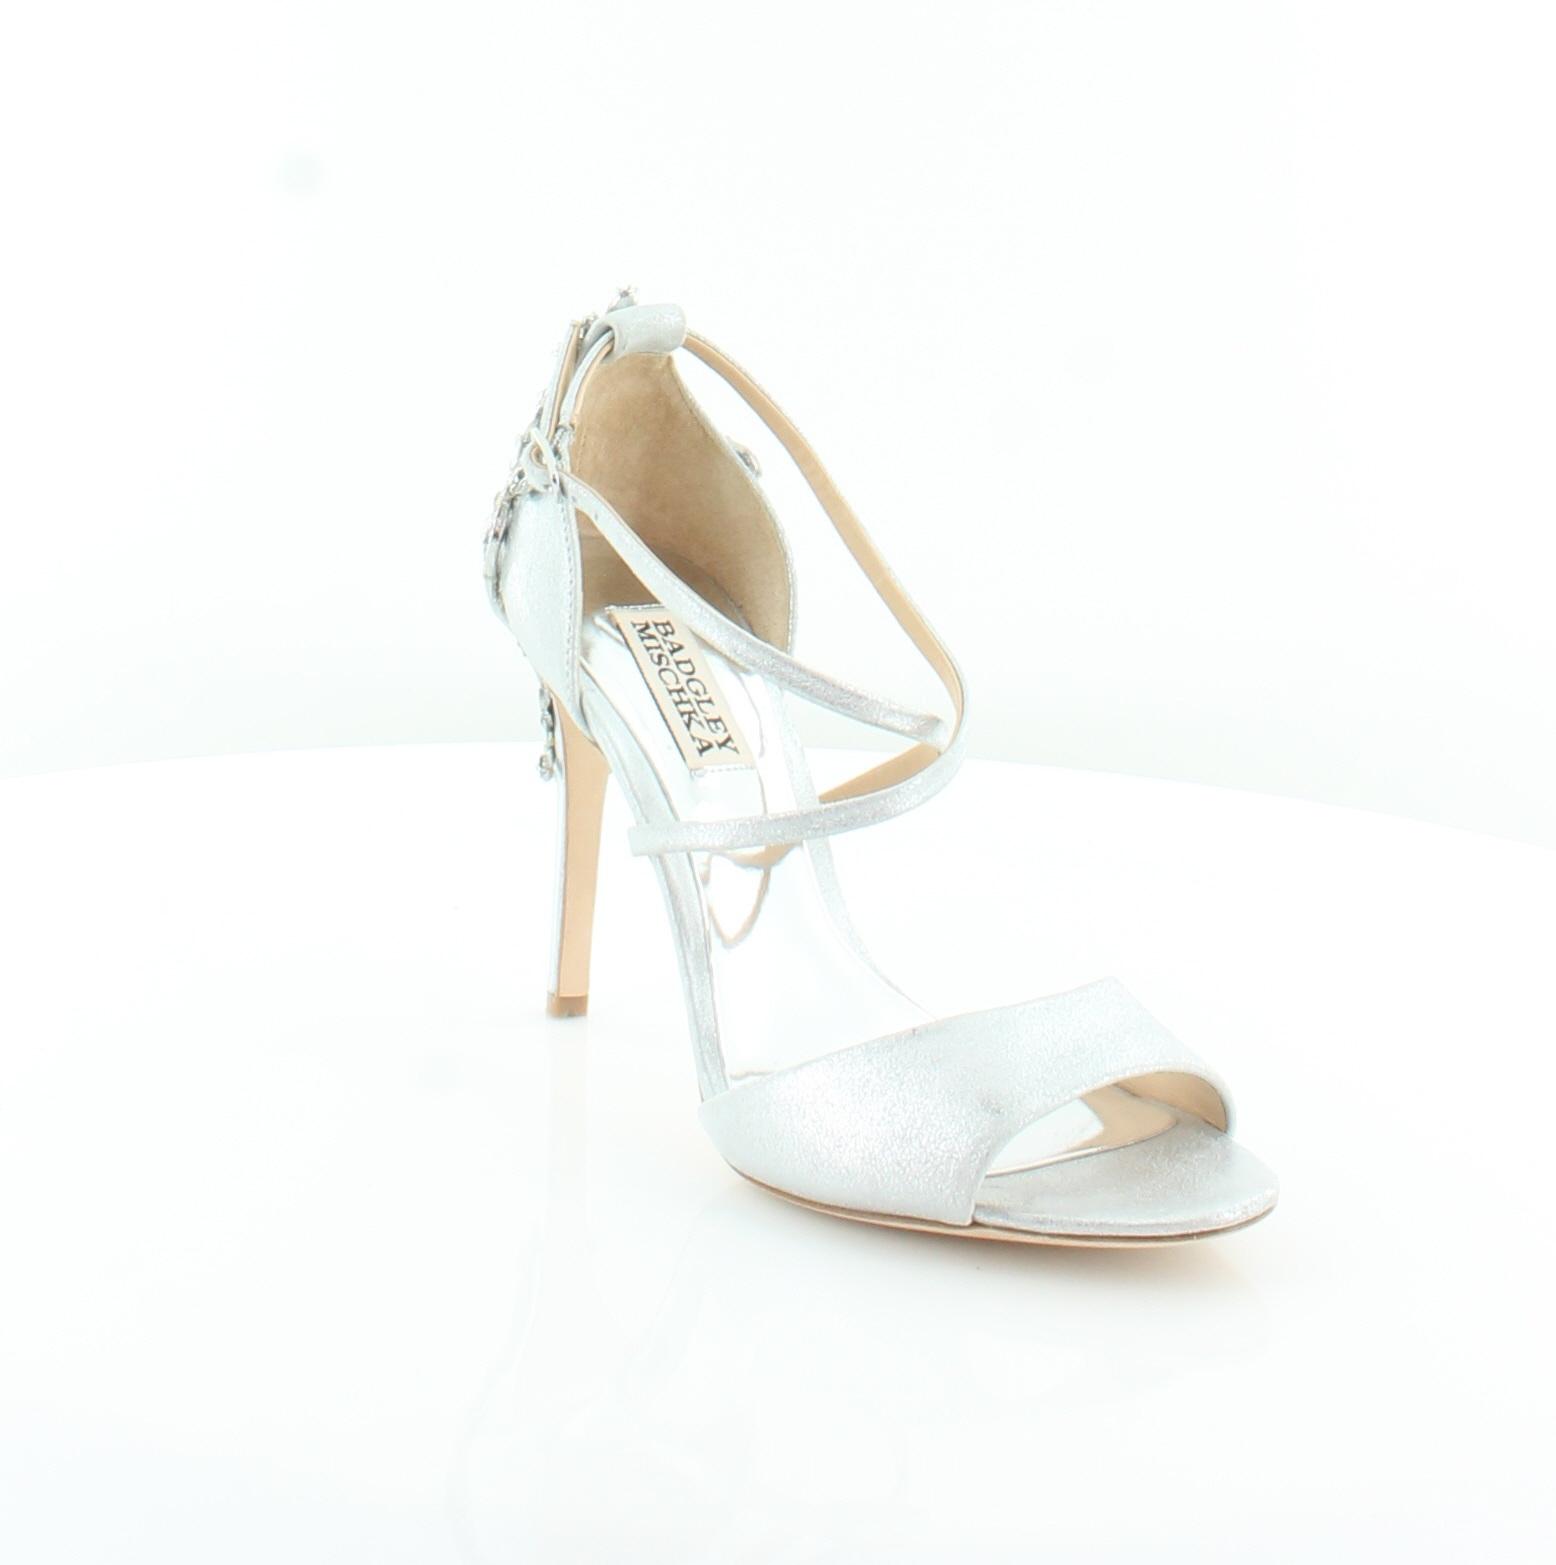 Badgley Mischka Karmen II Plata Sandalias De Mujer Zapatos por Talla 6.5 M precio minorista sugerido por Zapatos el fabricante  245 eb5187